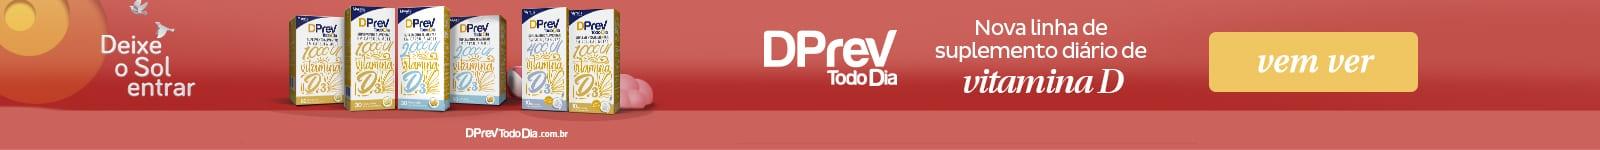 Banner Suplemento de Vitamina Dprev